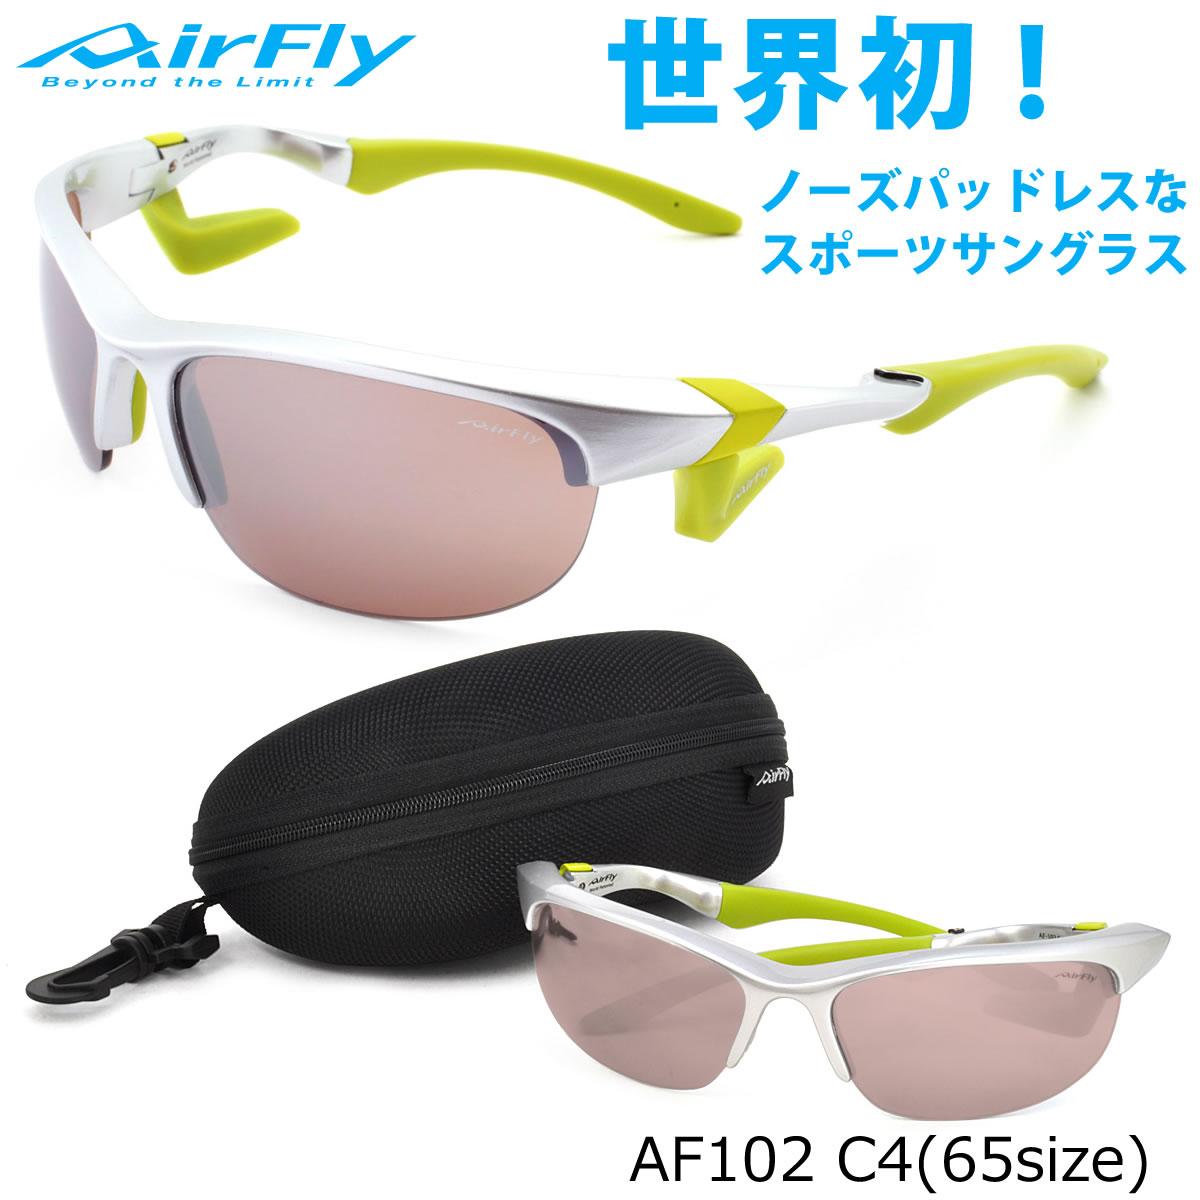 AirFly エアフライ サングラス AF102 C4 65サイズ 世界初 ノーズパッドレス スポーツサングラス ミラー エアフライ AirFly 特許取得 鼻パッドなし UVカット 軽い 曇らない アウトドア 登山 キャンプ メンズ レディース